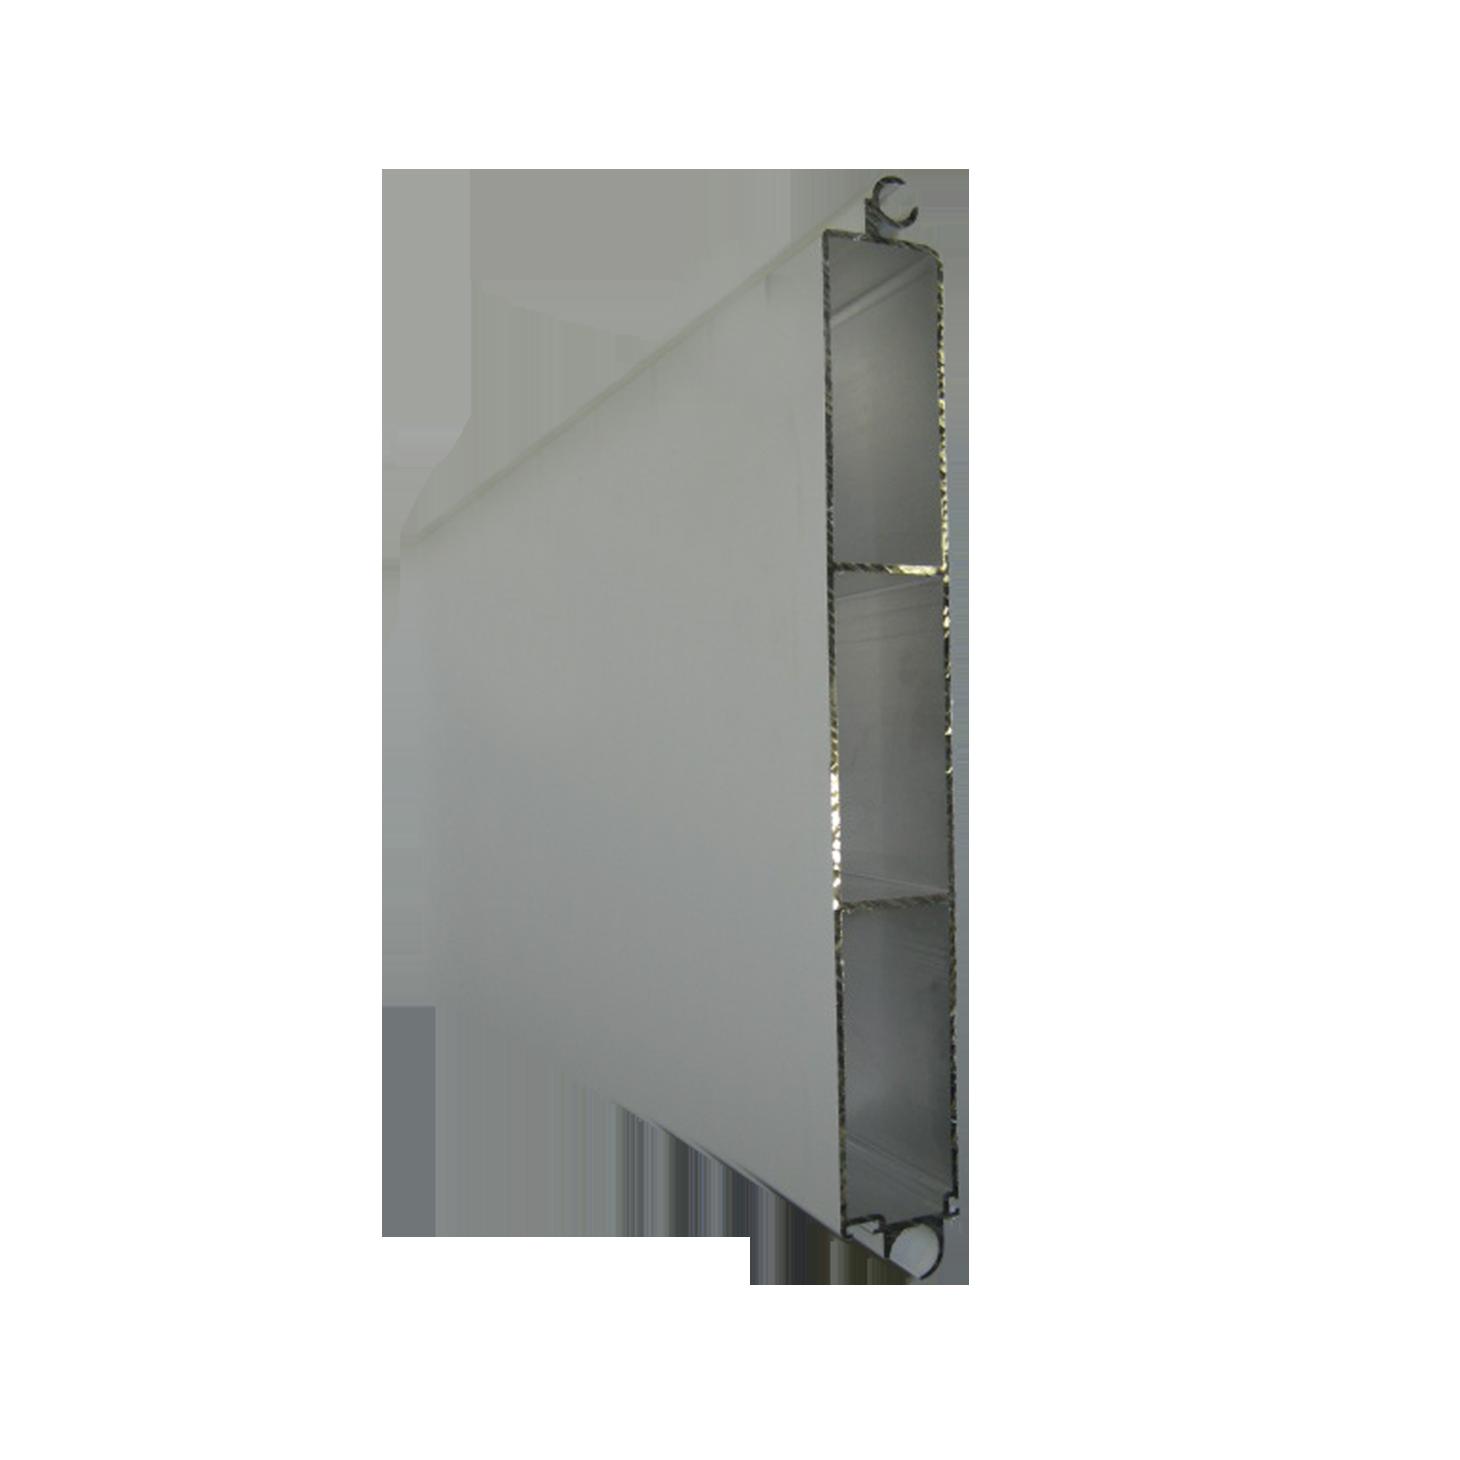 Klimet aluminio para carrocer a for Paneles de aluminio para puertas